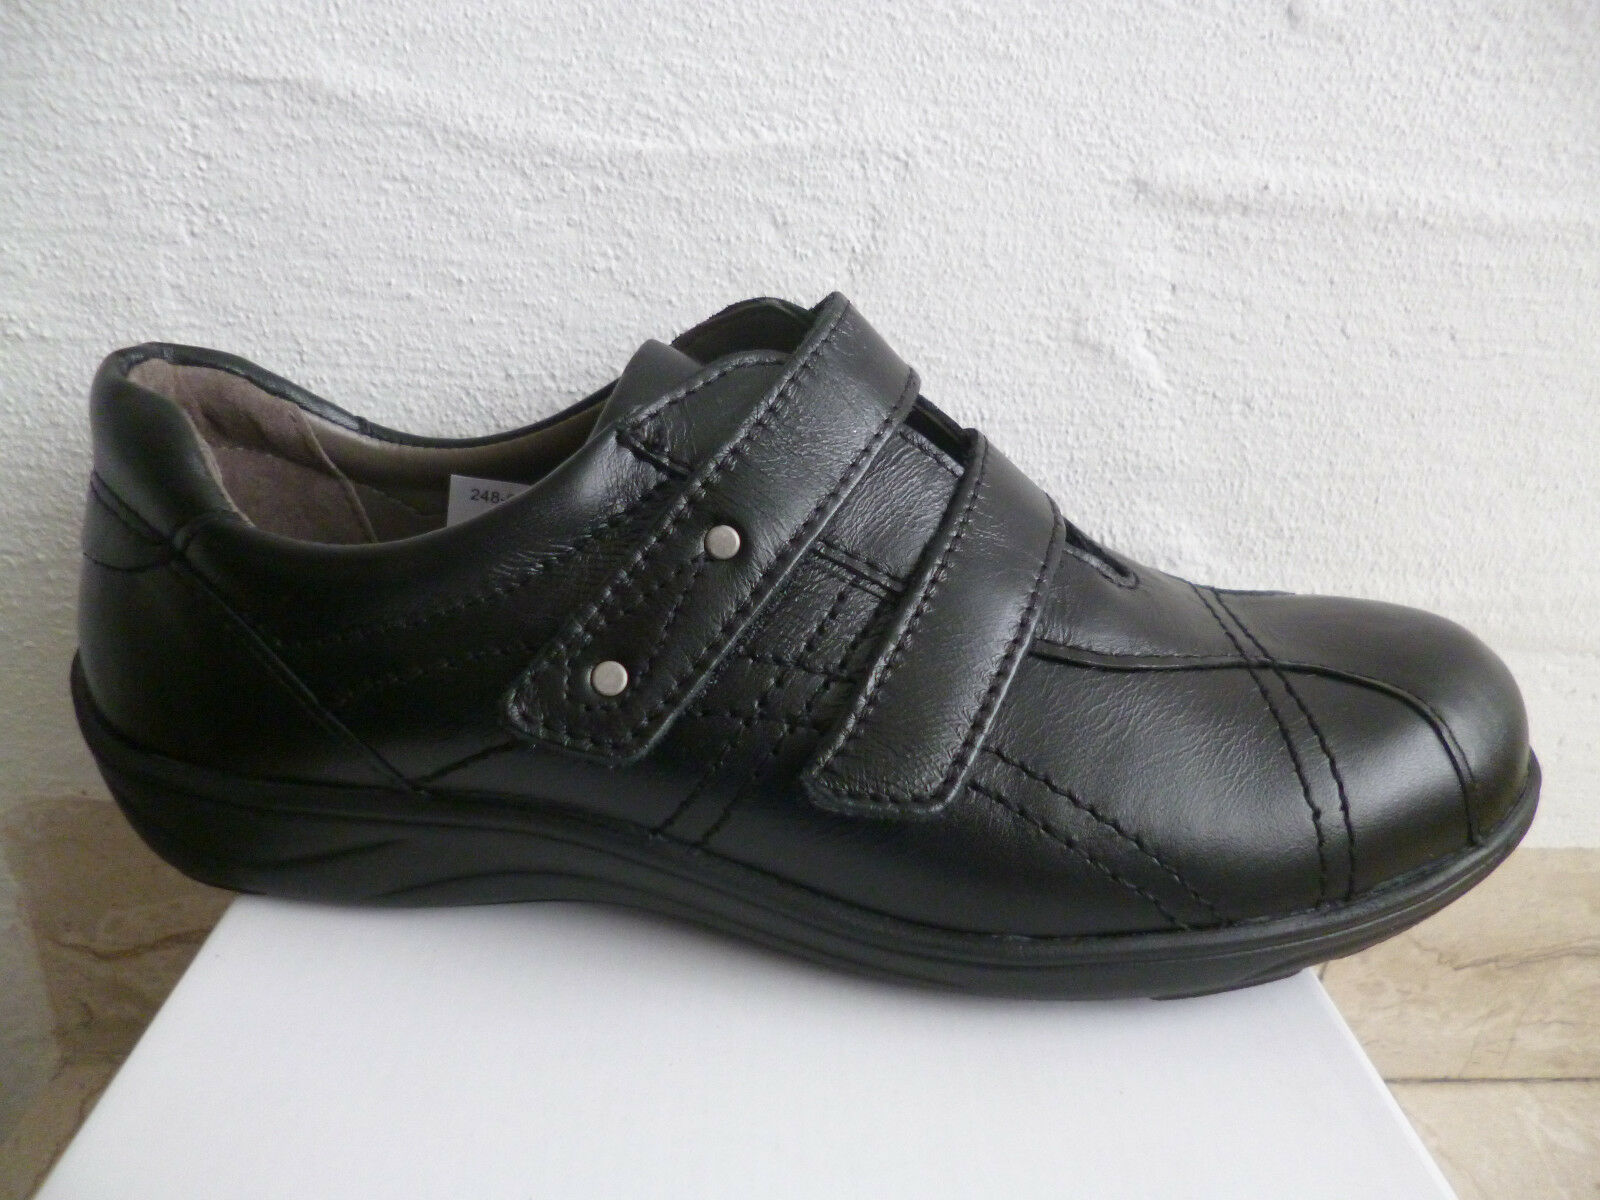 Frankenschuhe schwarz Damen Slipper Halbschuhe, Sneakers, schwarz Frankenschuhe Leder  NEU c24837